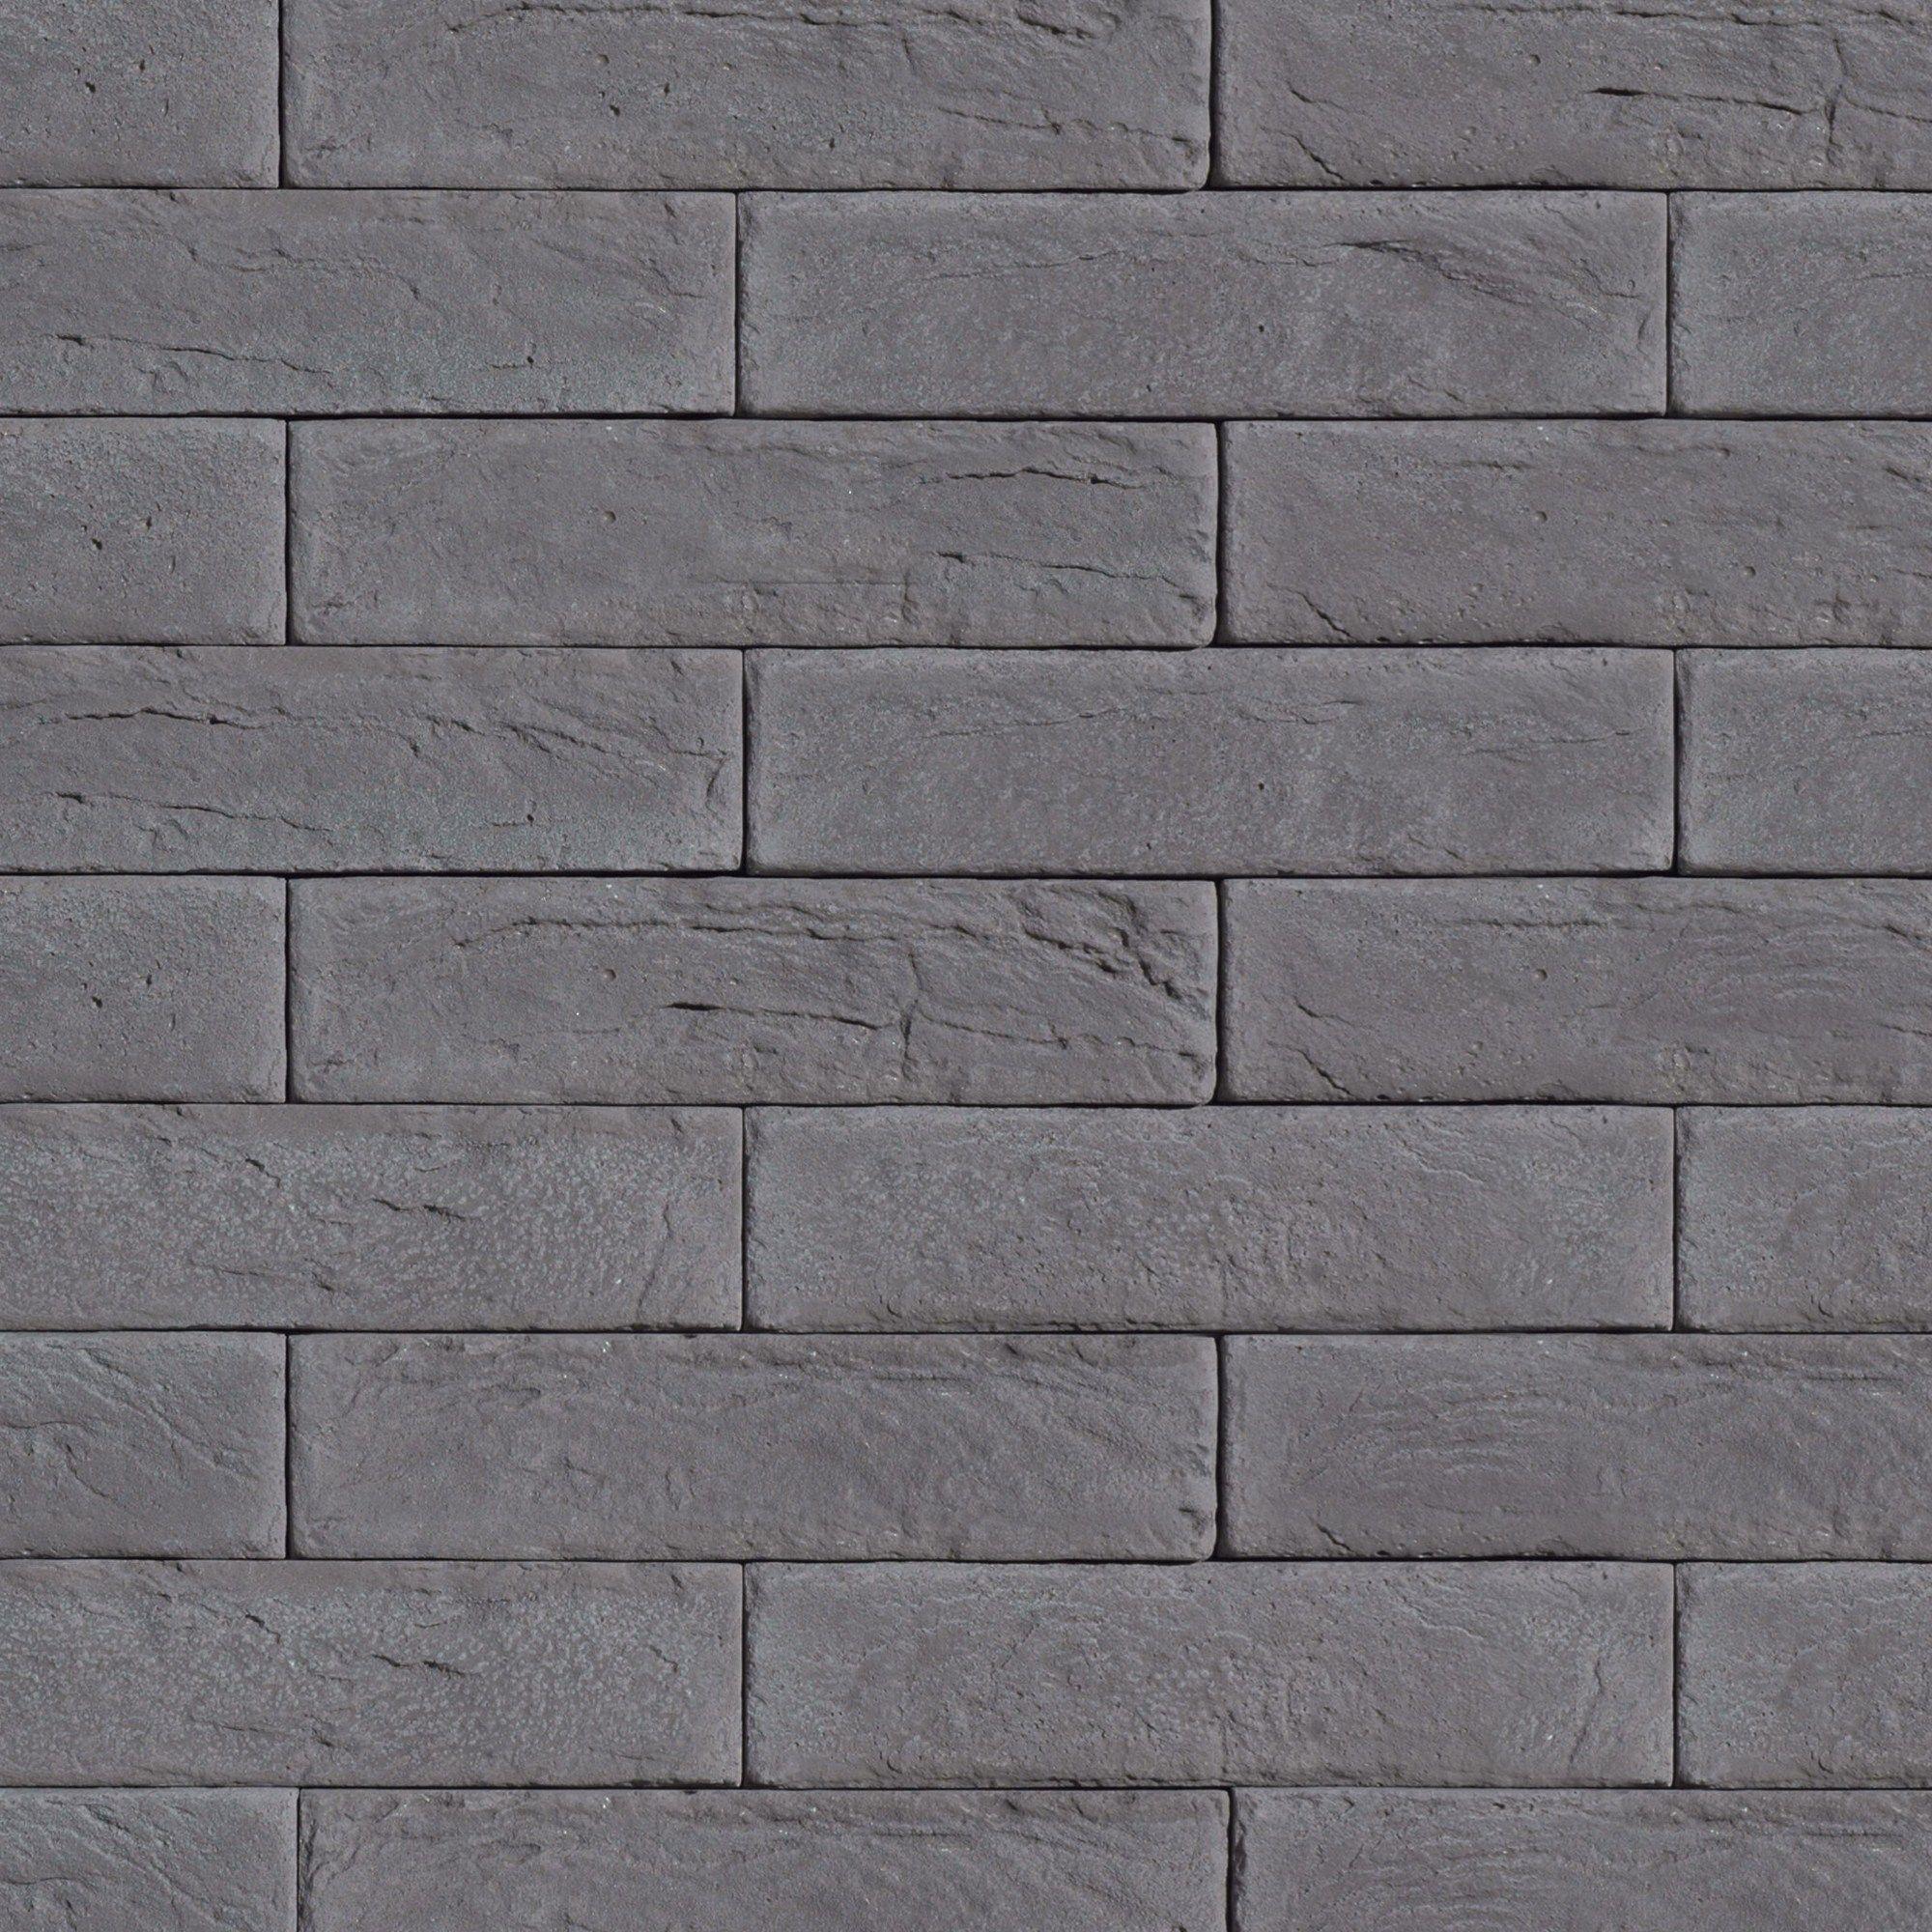 Rev tement de sol mur cologique en pierre reconstitu e pour int rieur effet - Brique pour mur interieur ...